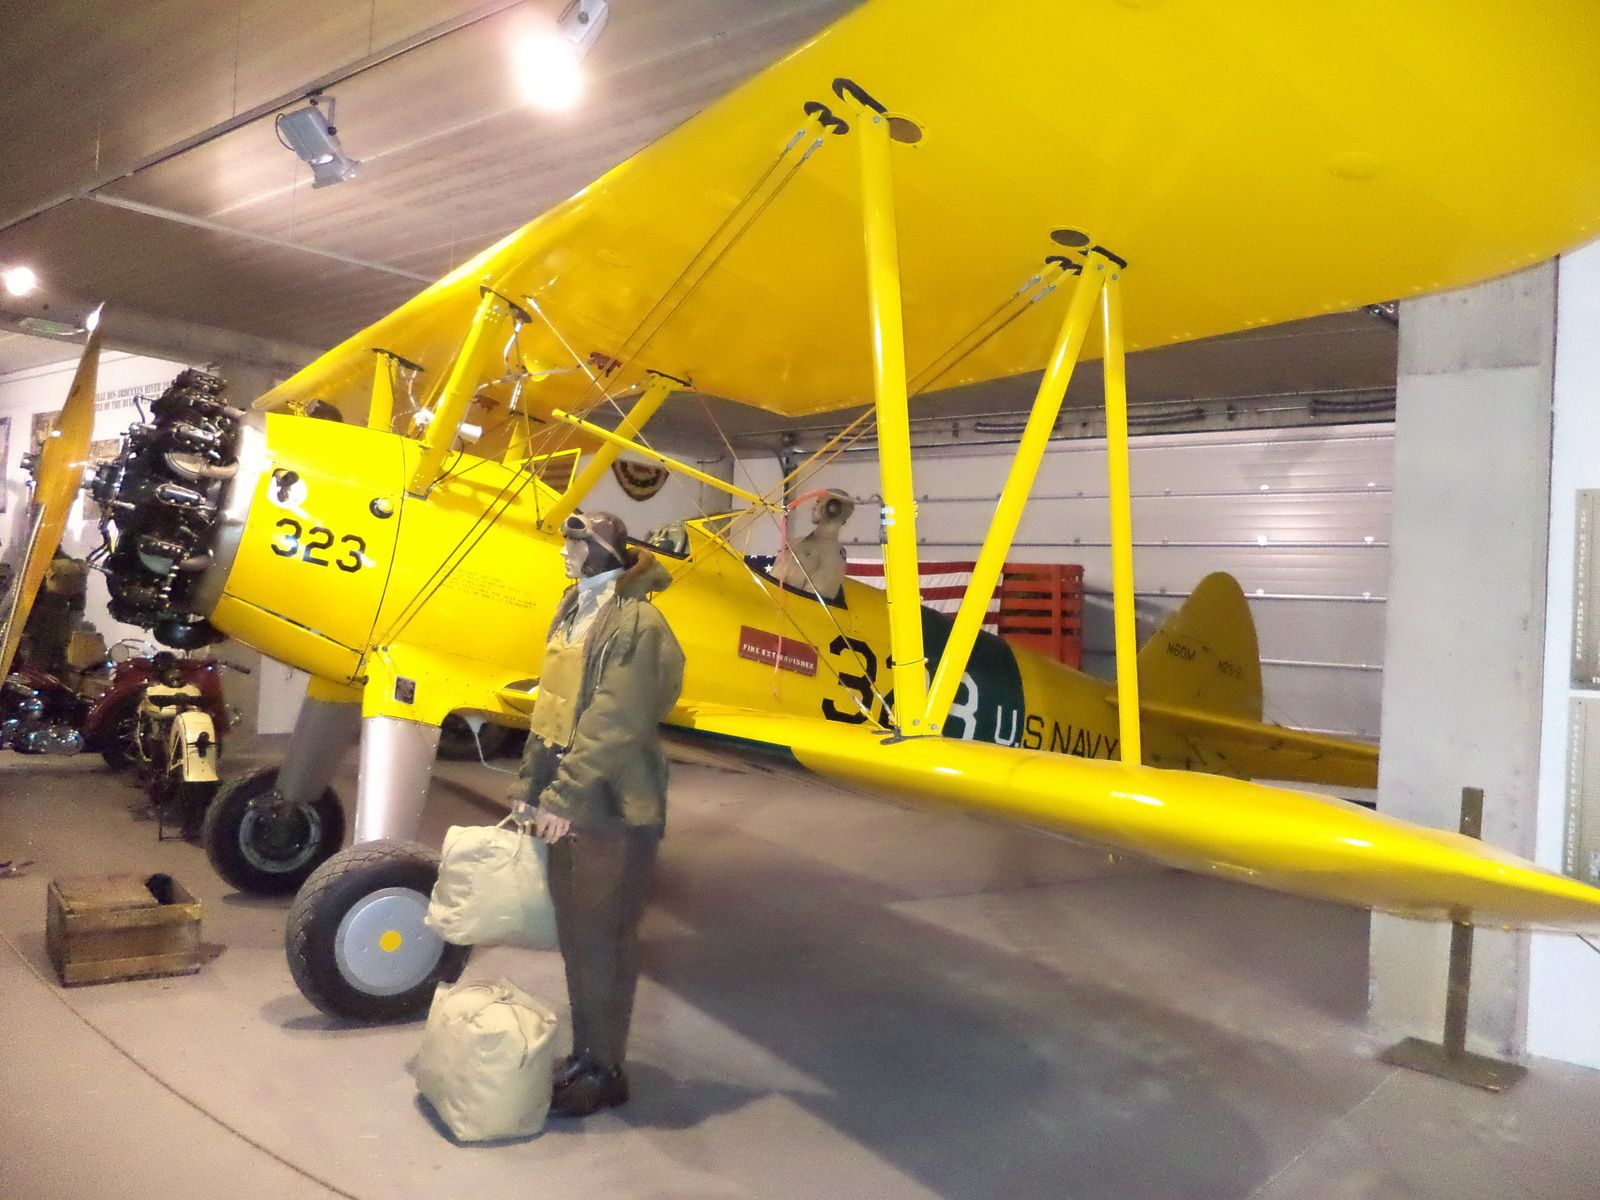 appareil d entrainement des pilotes américains.